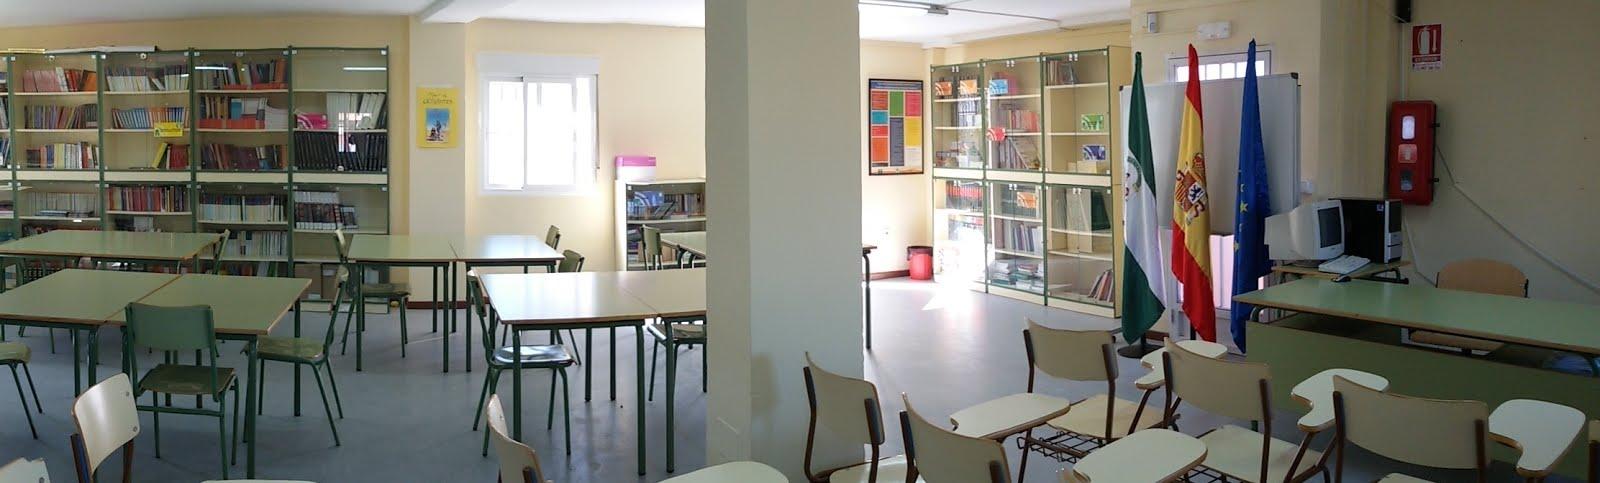 Biblioteca del I.E.S. Llano de la Viña